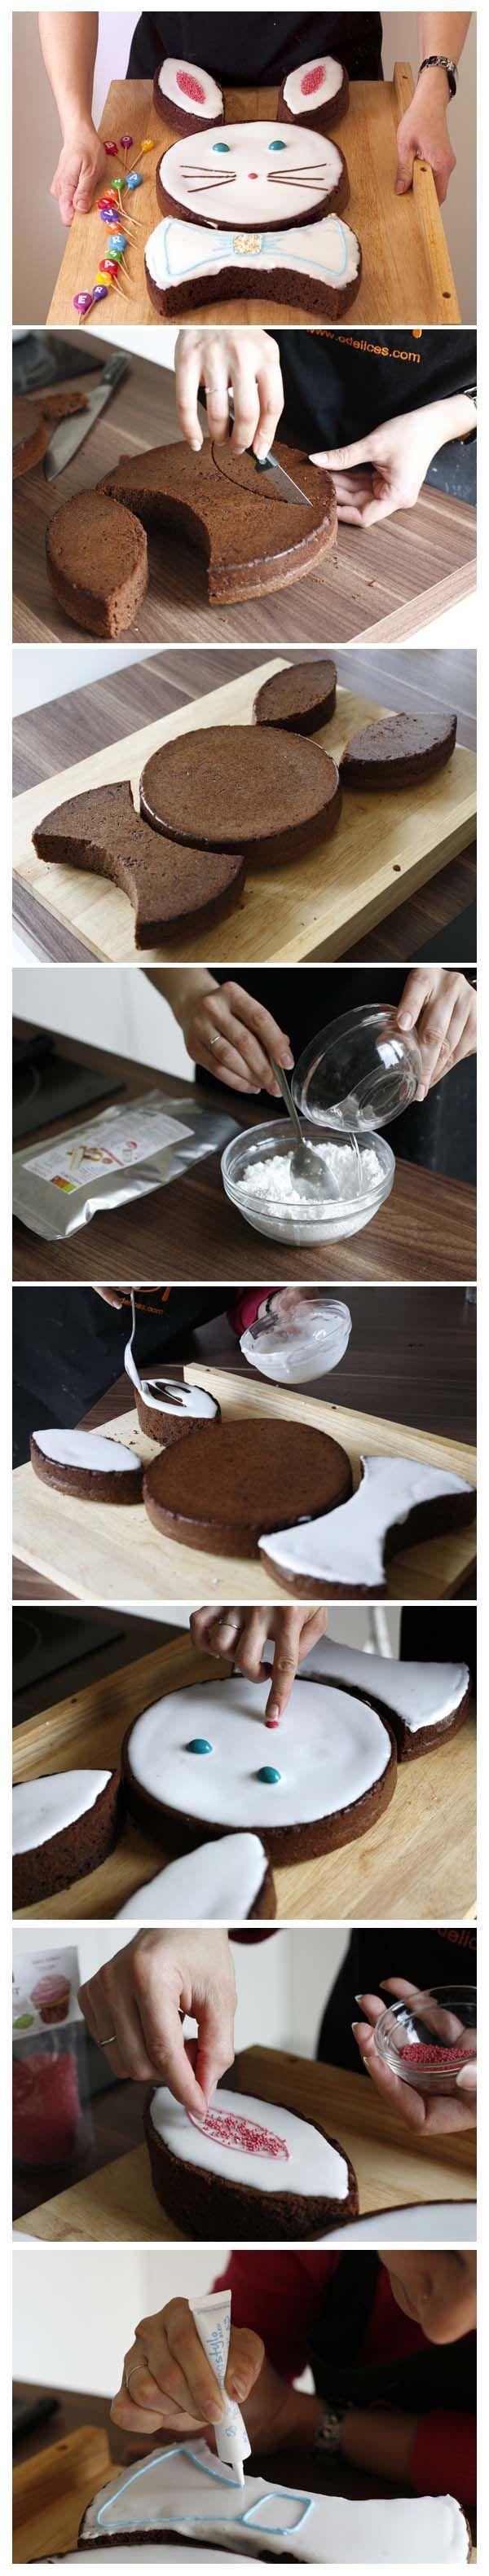 Einfach zwei runde Rührkuchen zubereiten (Am besten zwei Kleine oder einen großen und den dann in der Mitte durchschneiden). Dann alles so machen wie auf den Bildern.